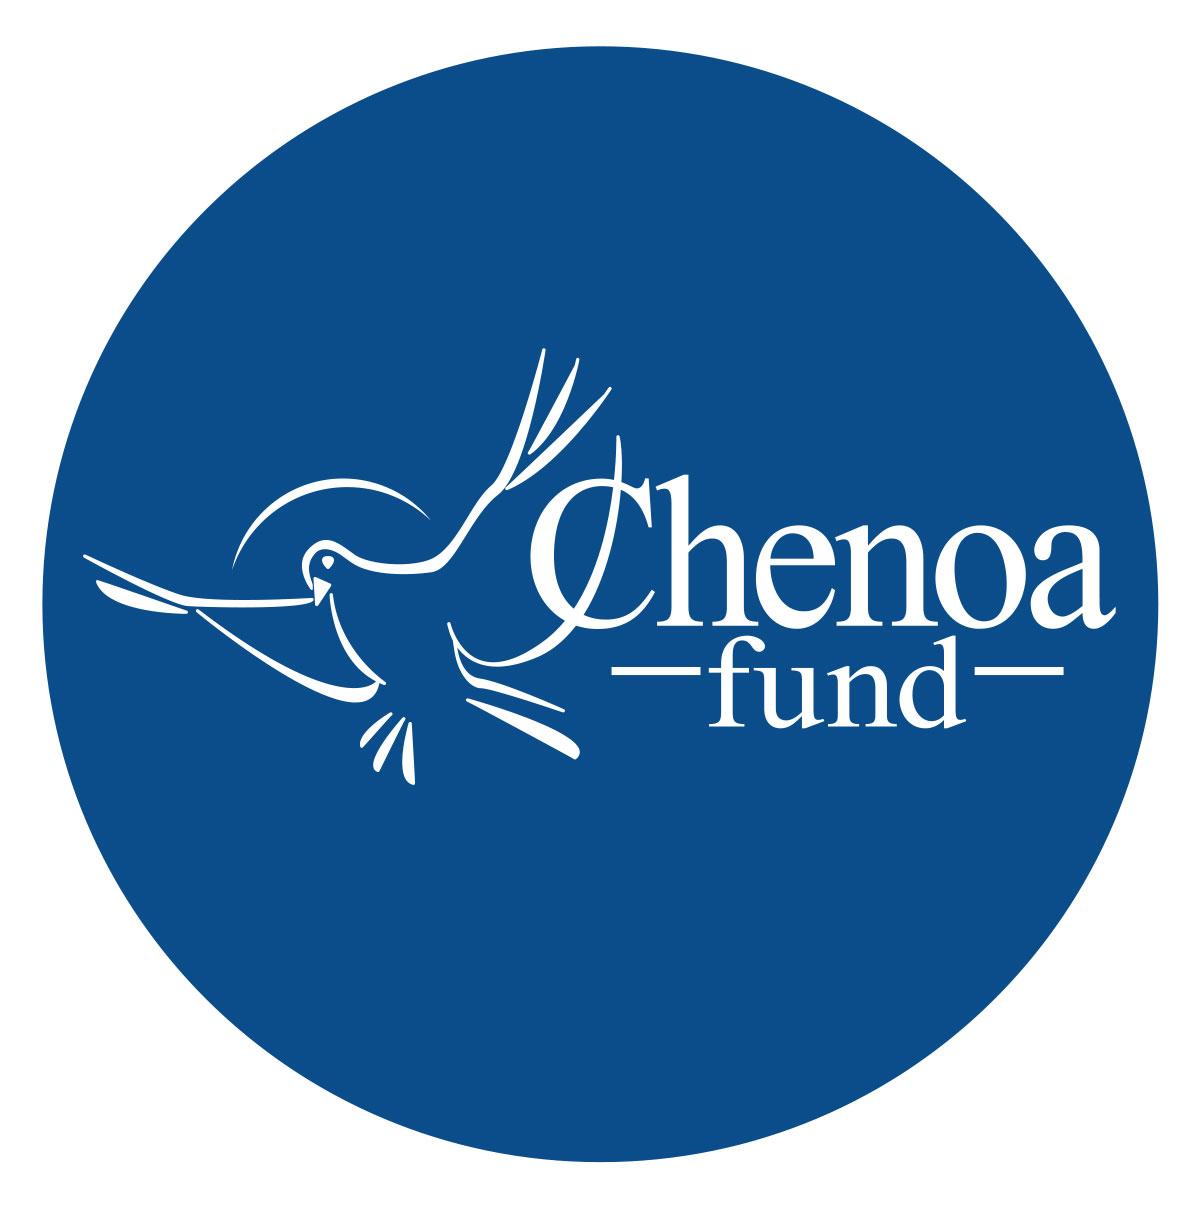 ChenoaLogo-circle